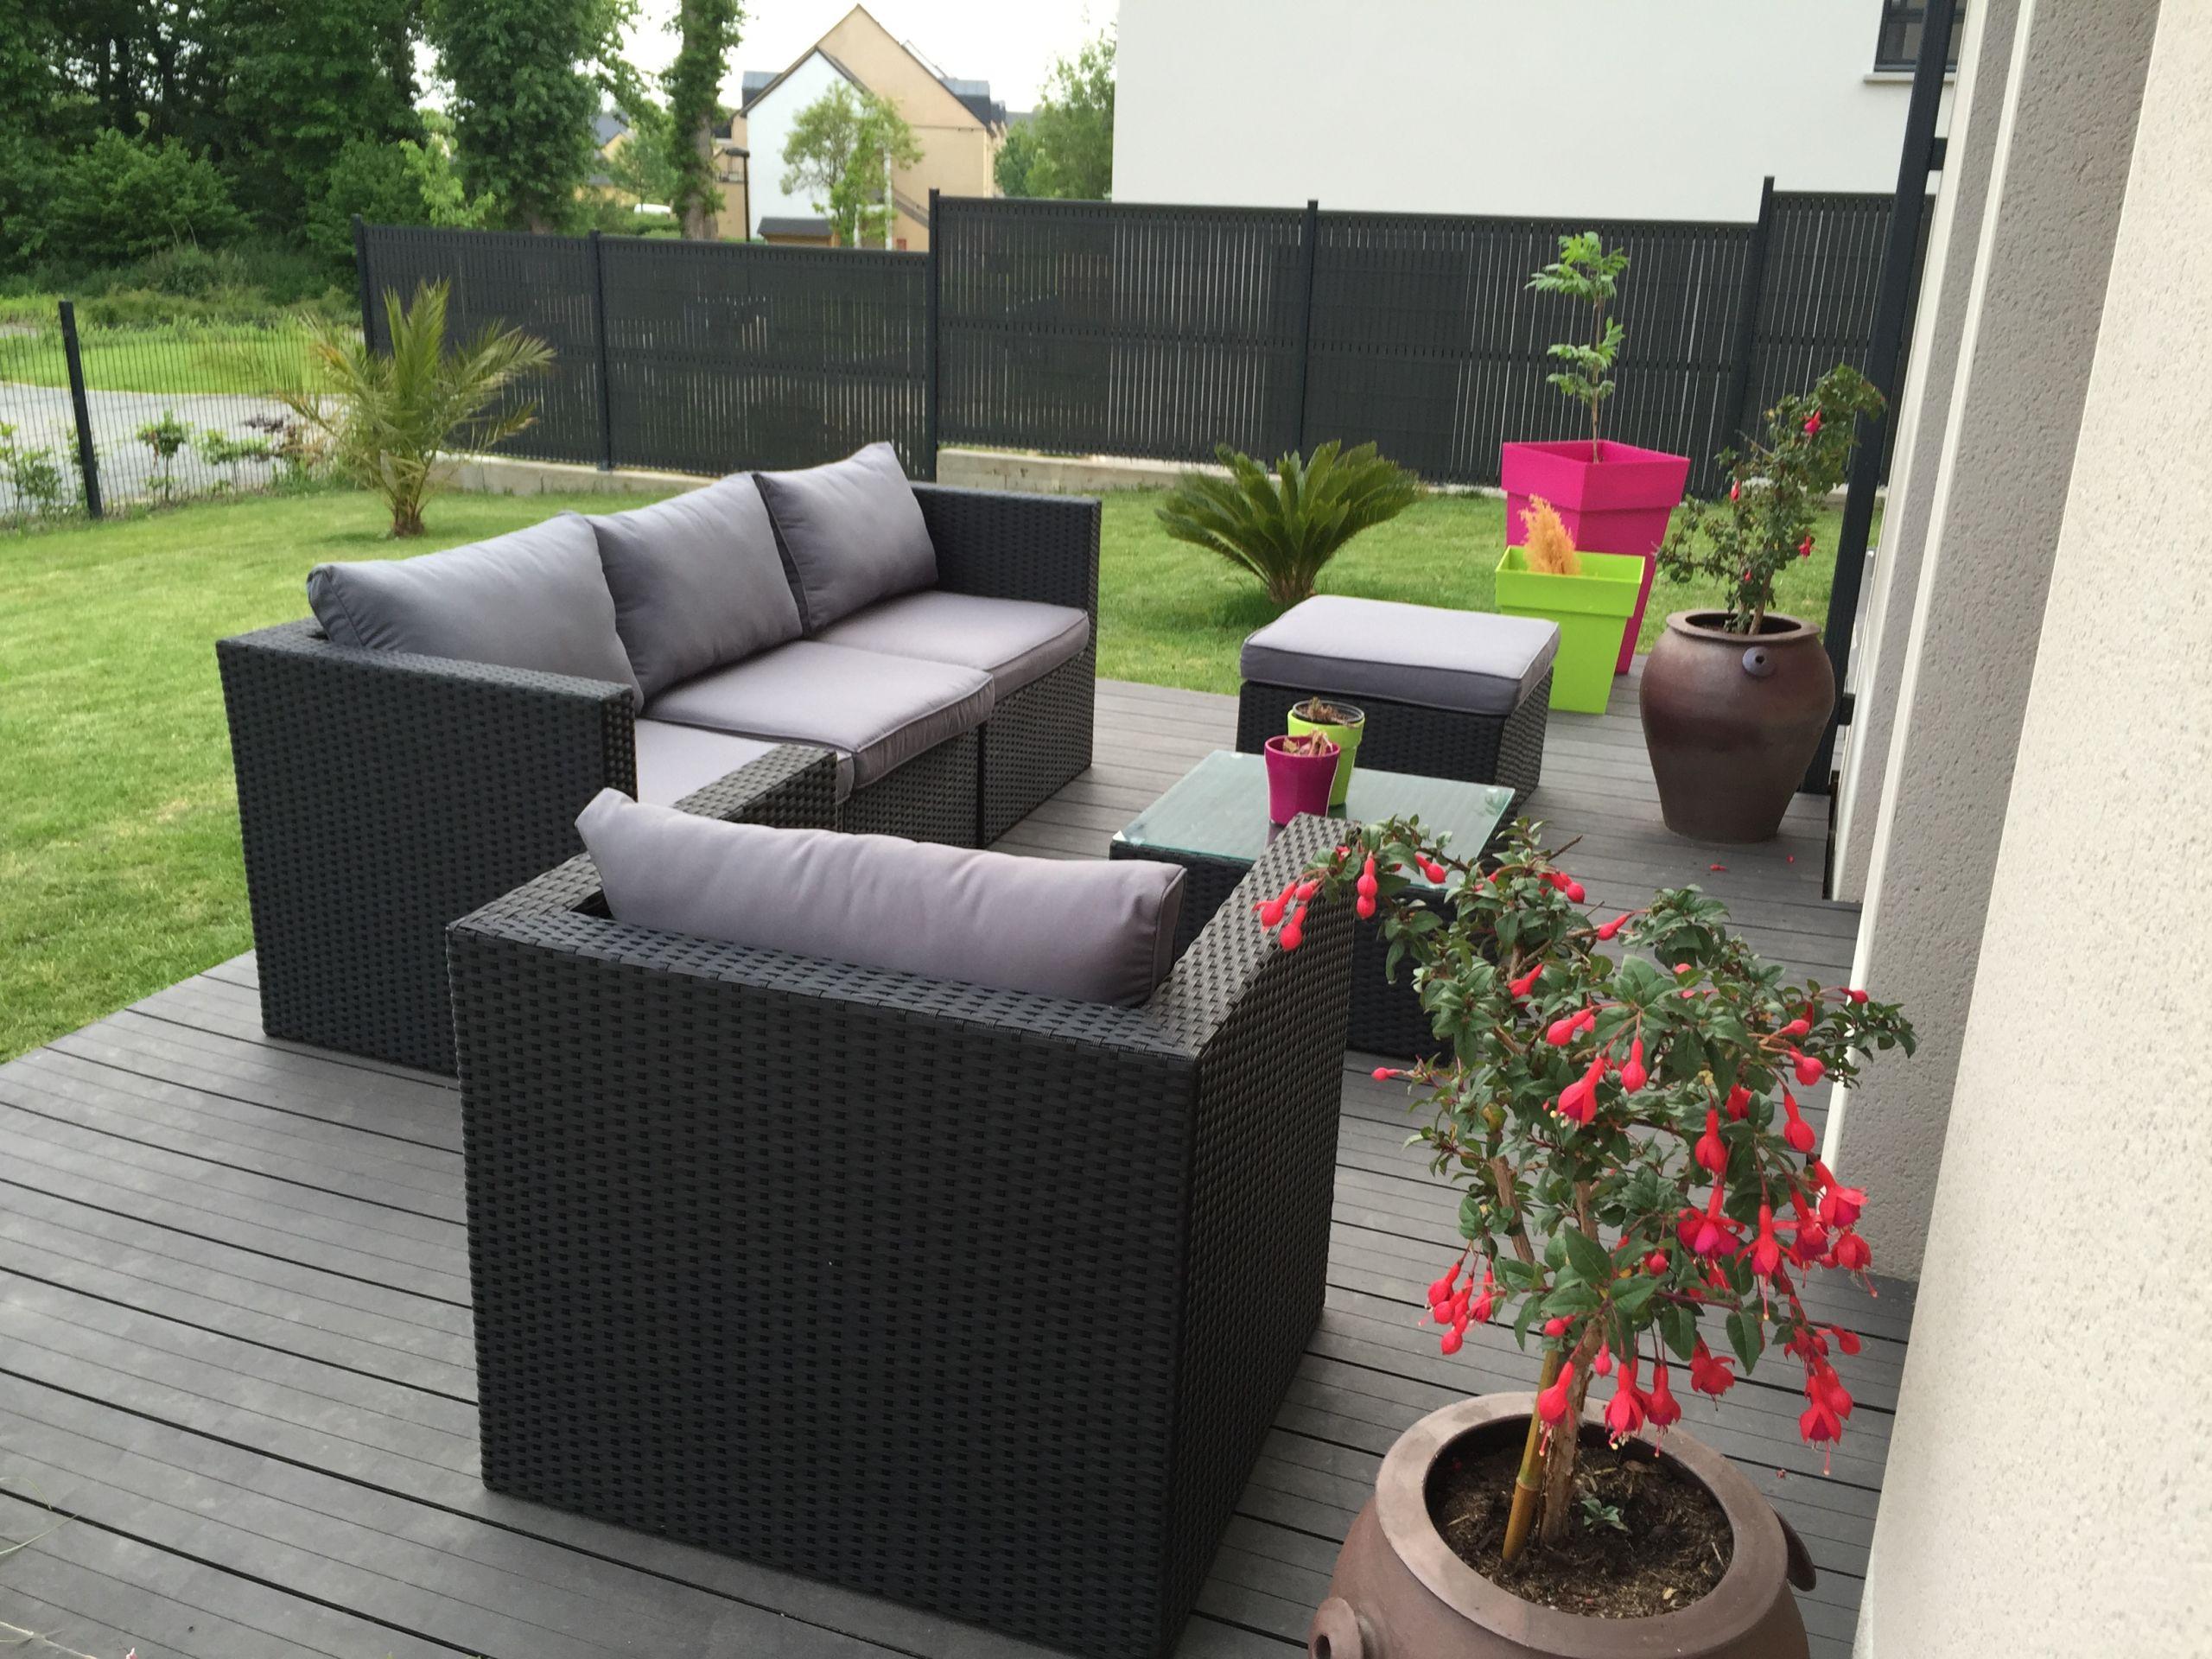 salon de jardin rc3a3c2a9sine tressc3a3c2a9e aluminium places benito salon de jardin ikea salon de jardin en palette 2 1